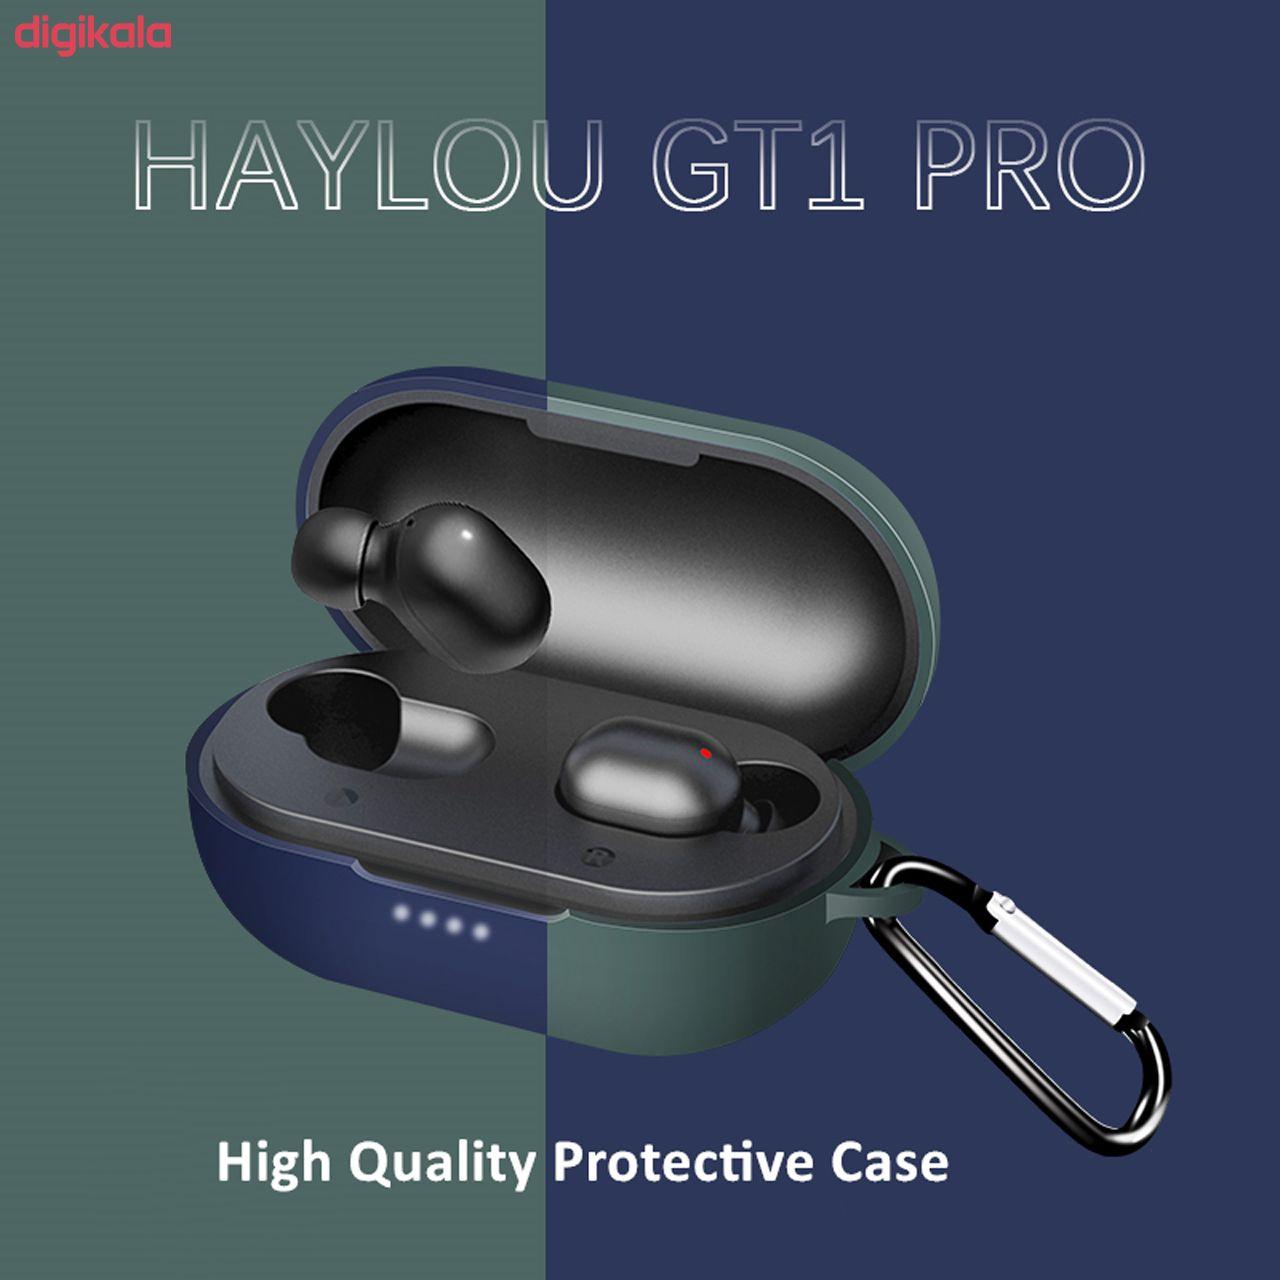 کاور رینیکا کد GTP1  مناسب برای کیس هایلو GT1 PRO main 1 3